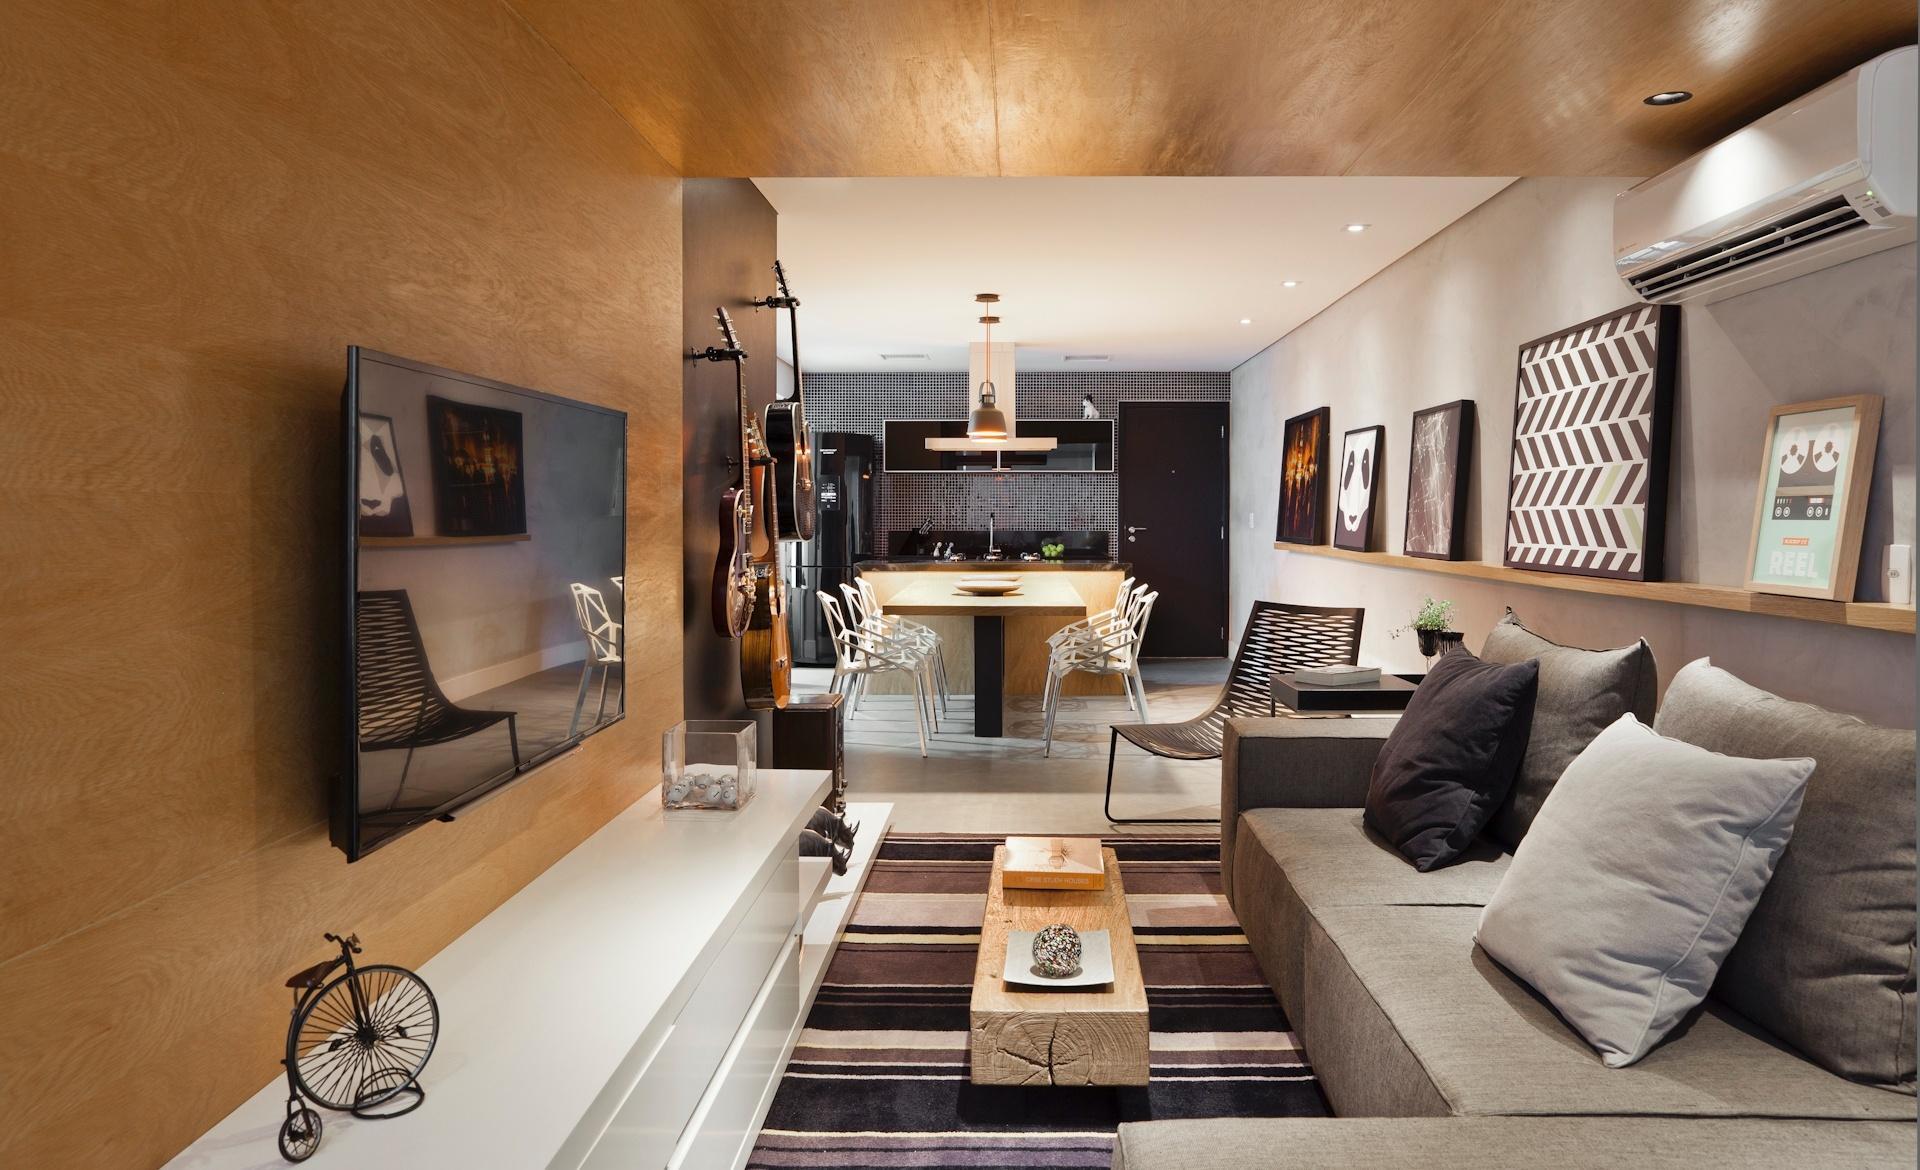 O apartamento do rapaz tem uma atmosfera urbana e masculina, com destaque para a combinação de superfícies cinzas, que remetem ao concreto, com os painéis de carvalho americano. O projeto de interiores foi realizado pelos arquitetos do escritório Conrado Ceravolo, em São Paulo